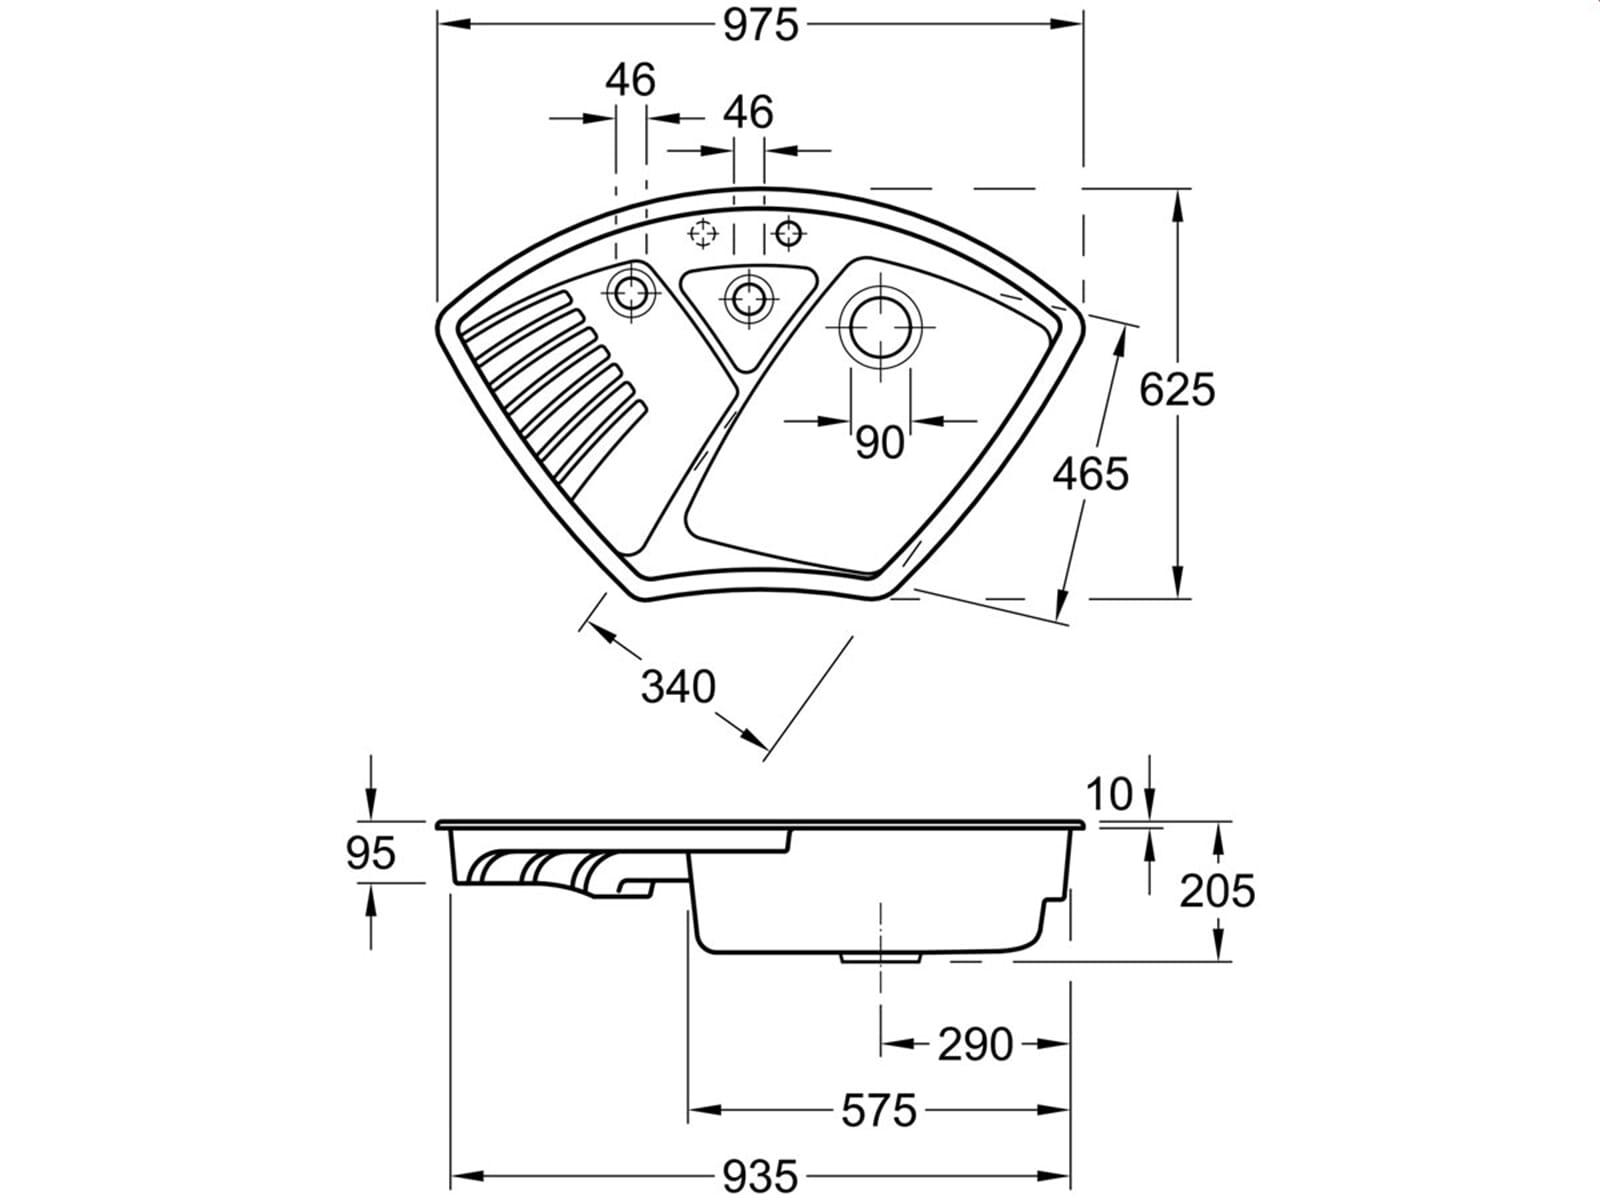 Villeroy & Boch Arena Eck Ebony - 6729 01 S5 Keramikspüle Handbetätigung